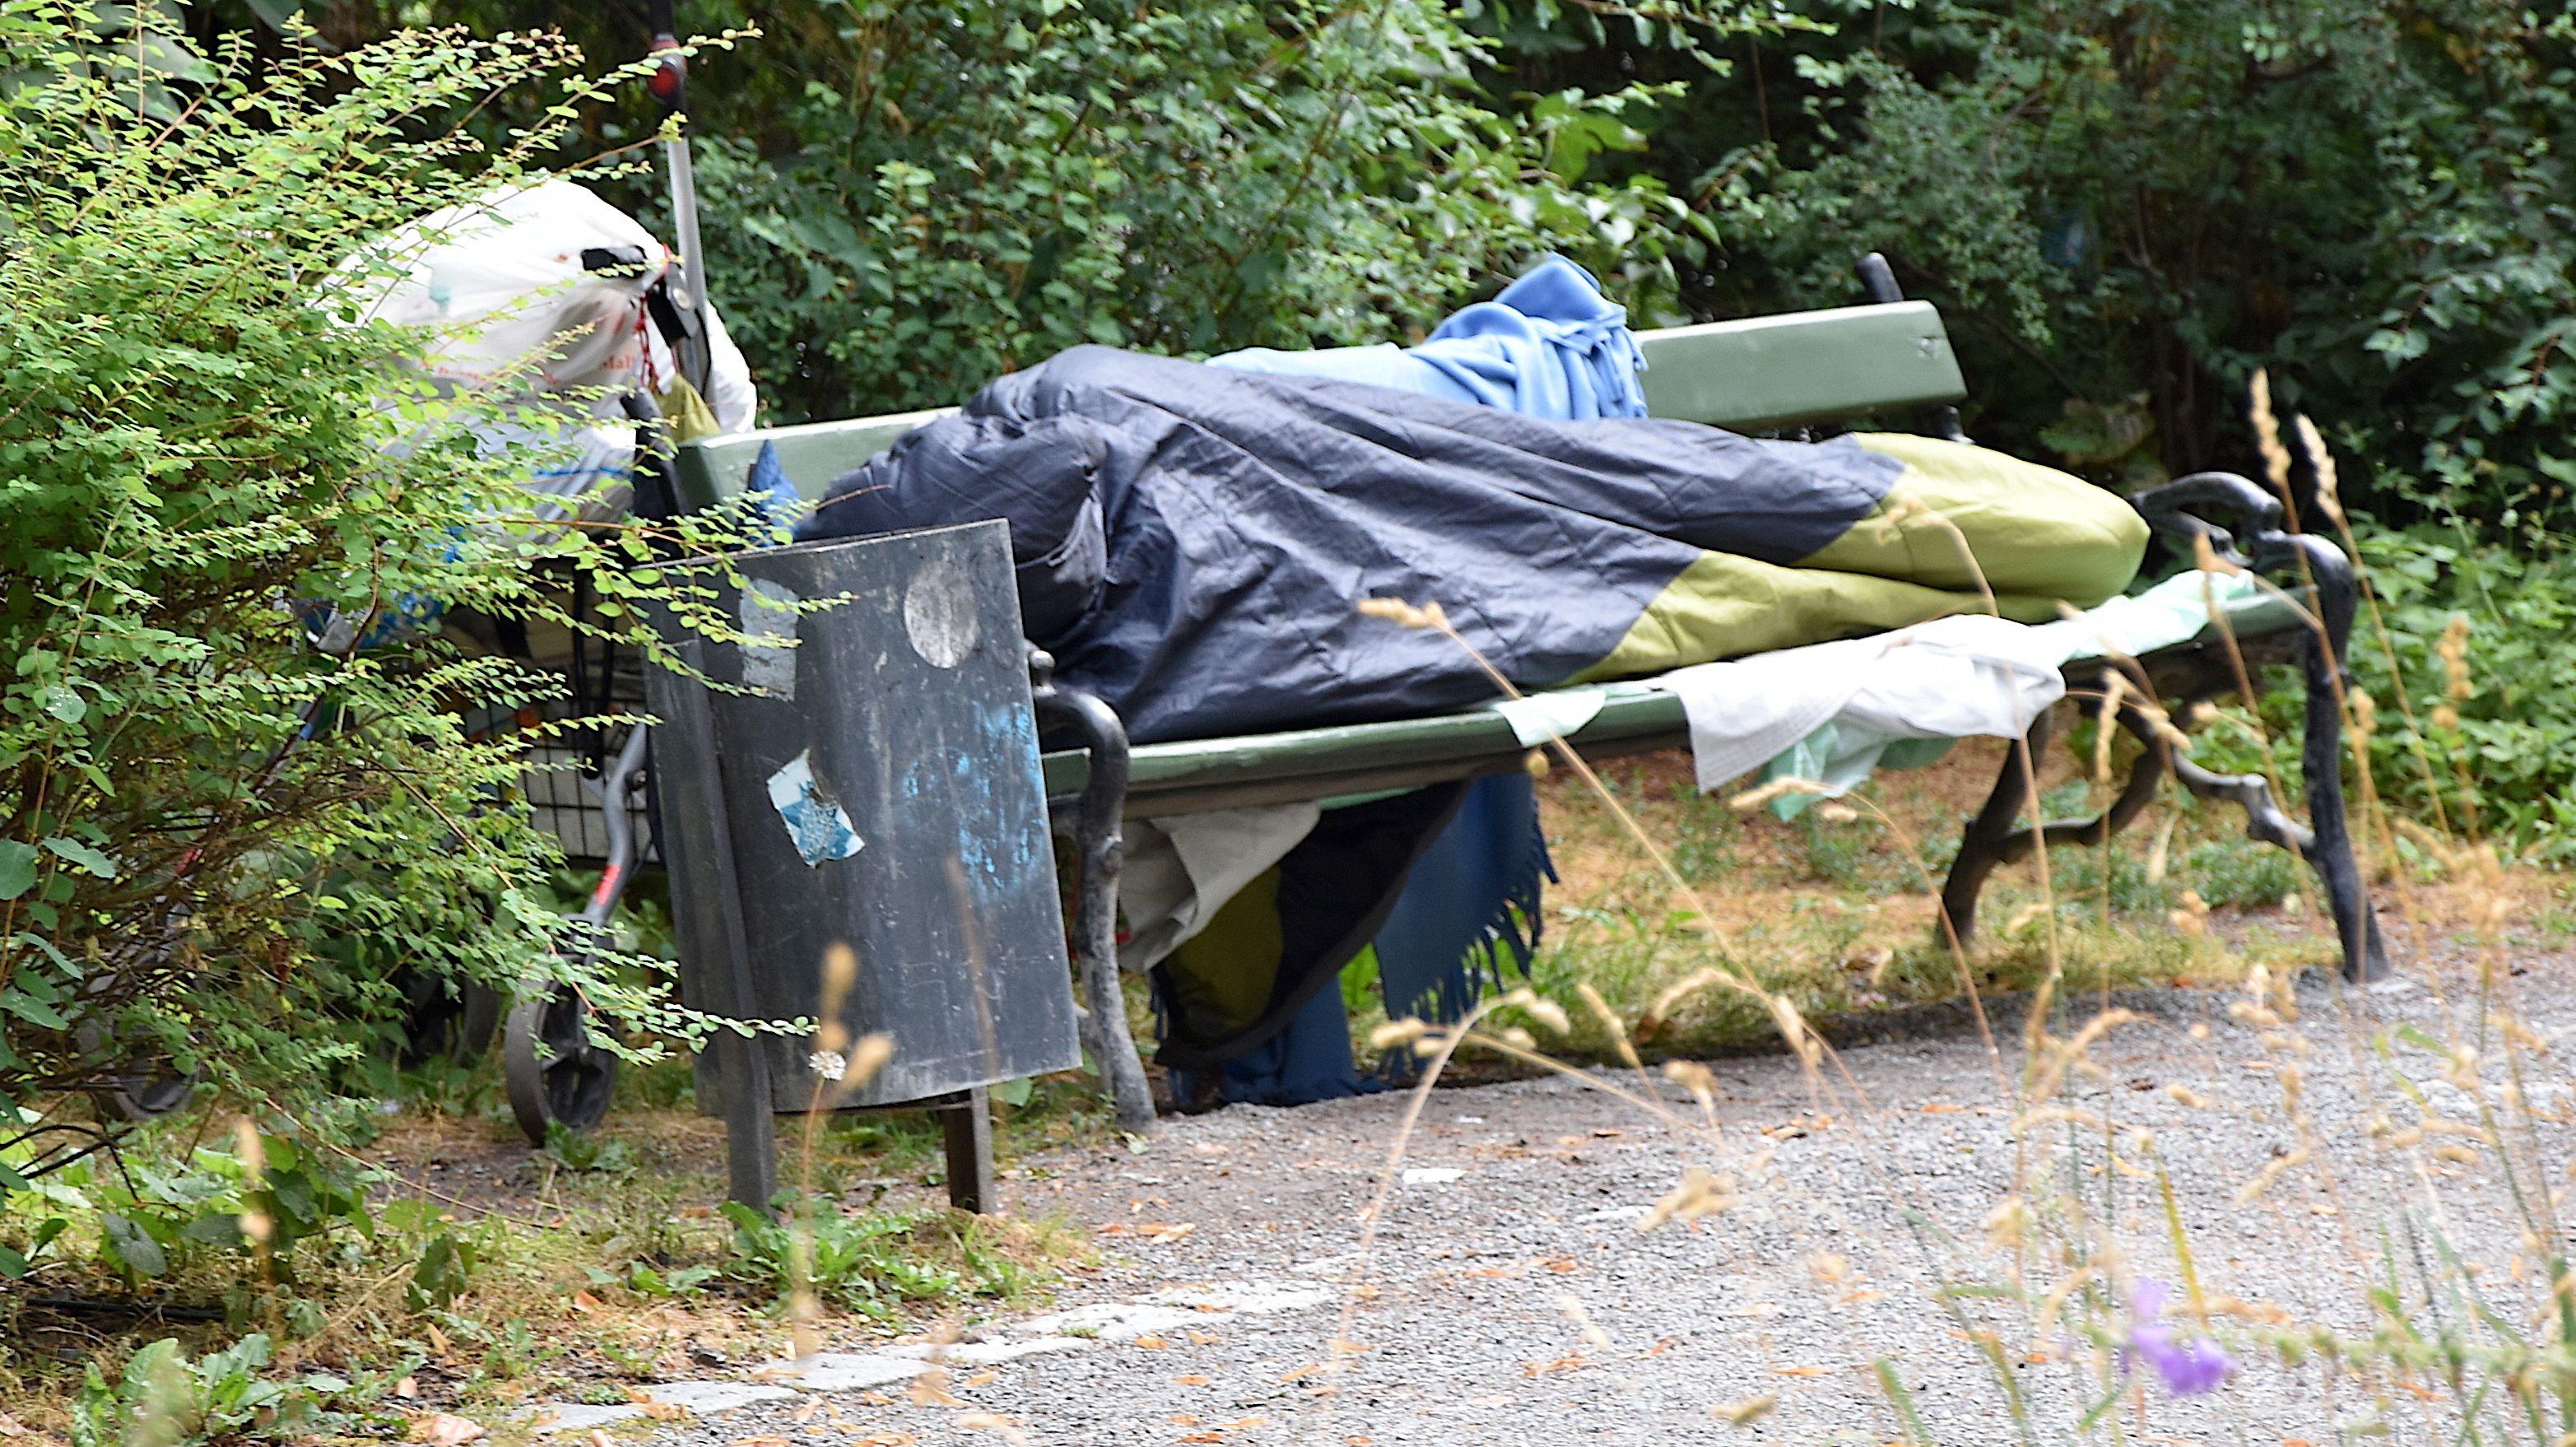 Coronakrise: Extrem schwer für Menschen ohne Wohnung und Helfer